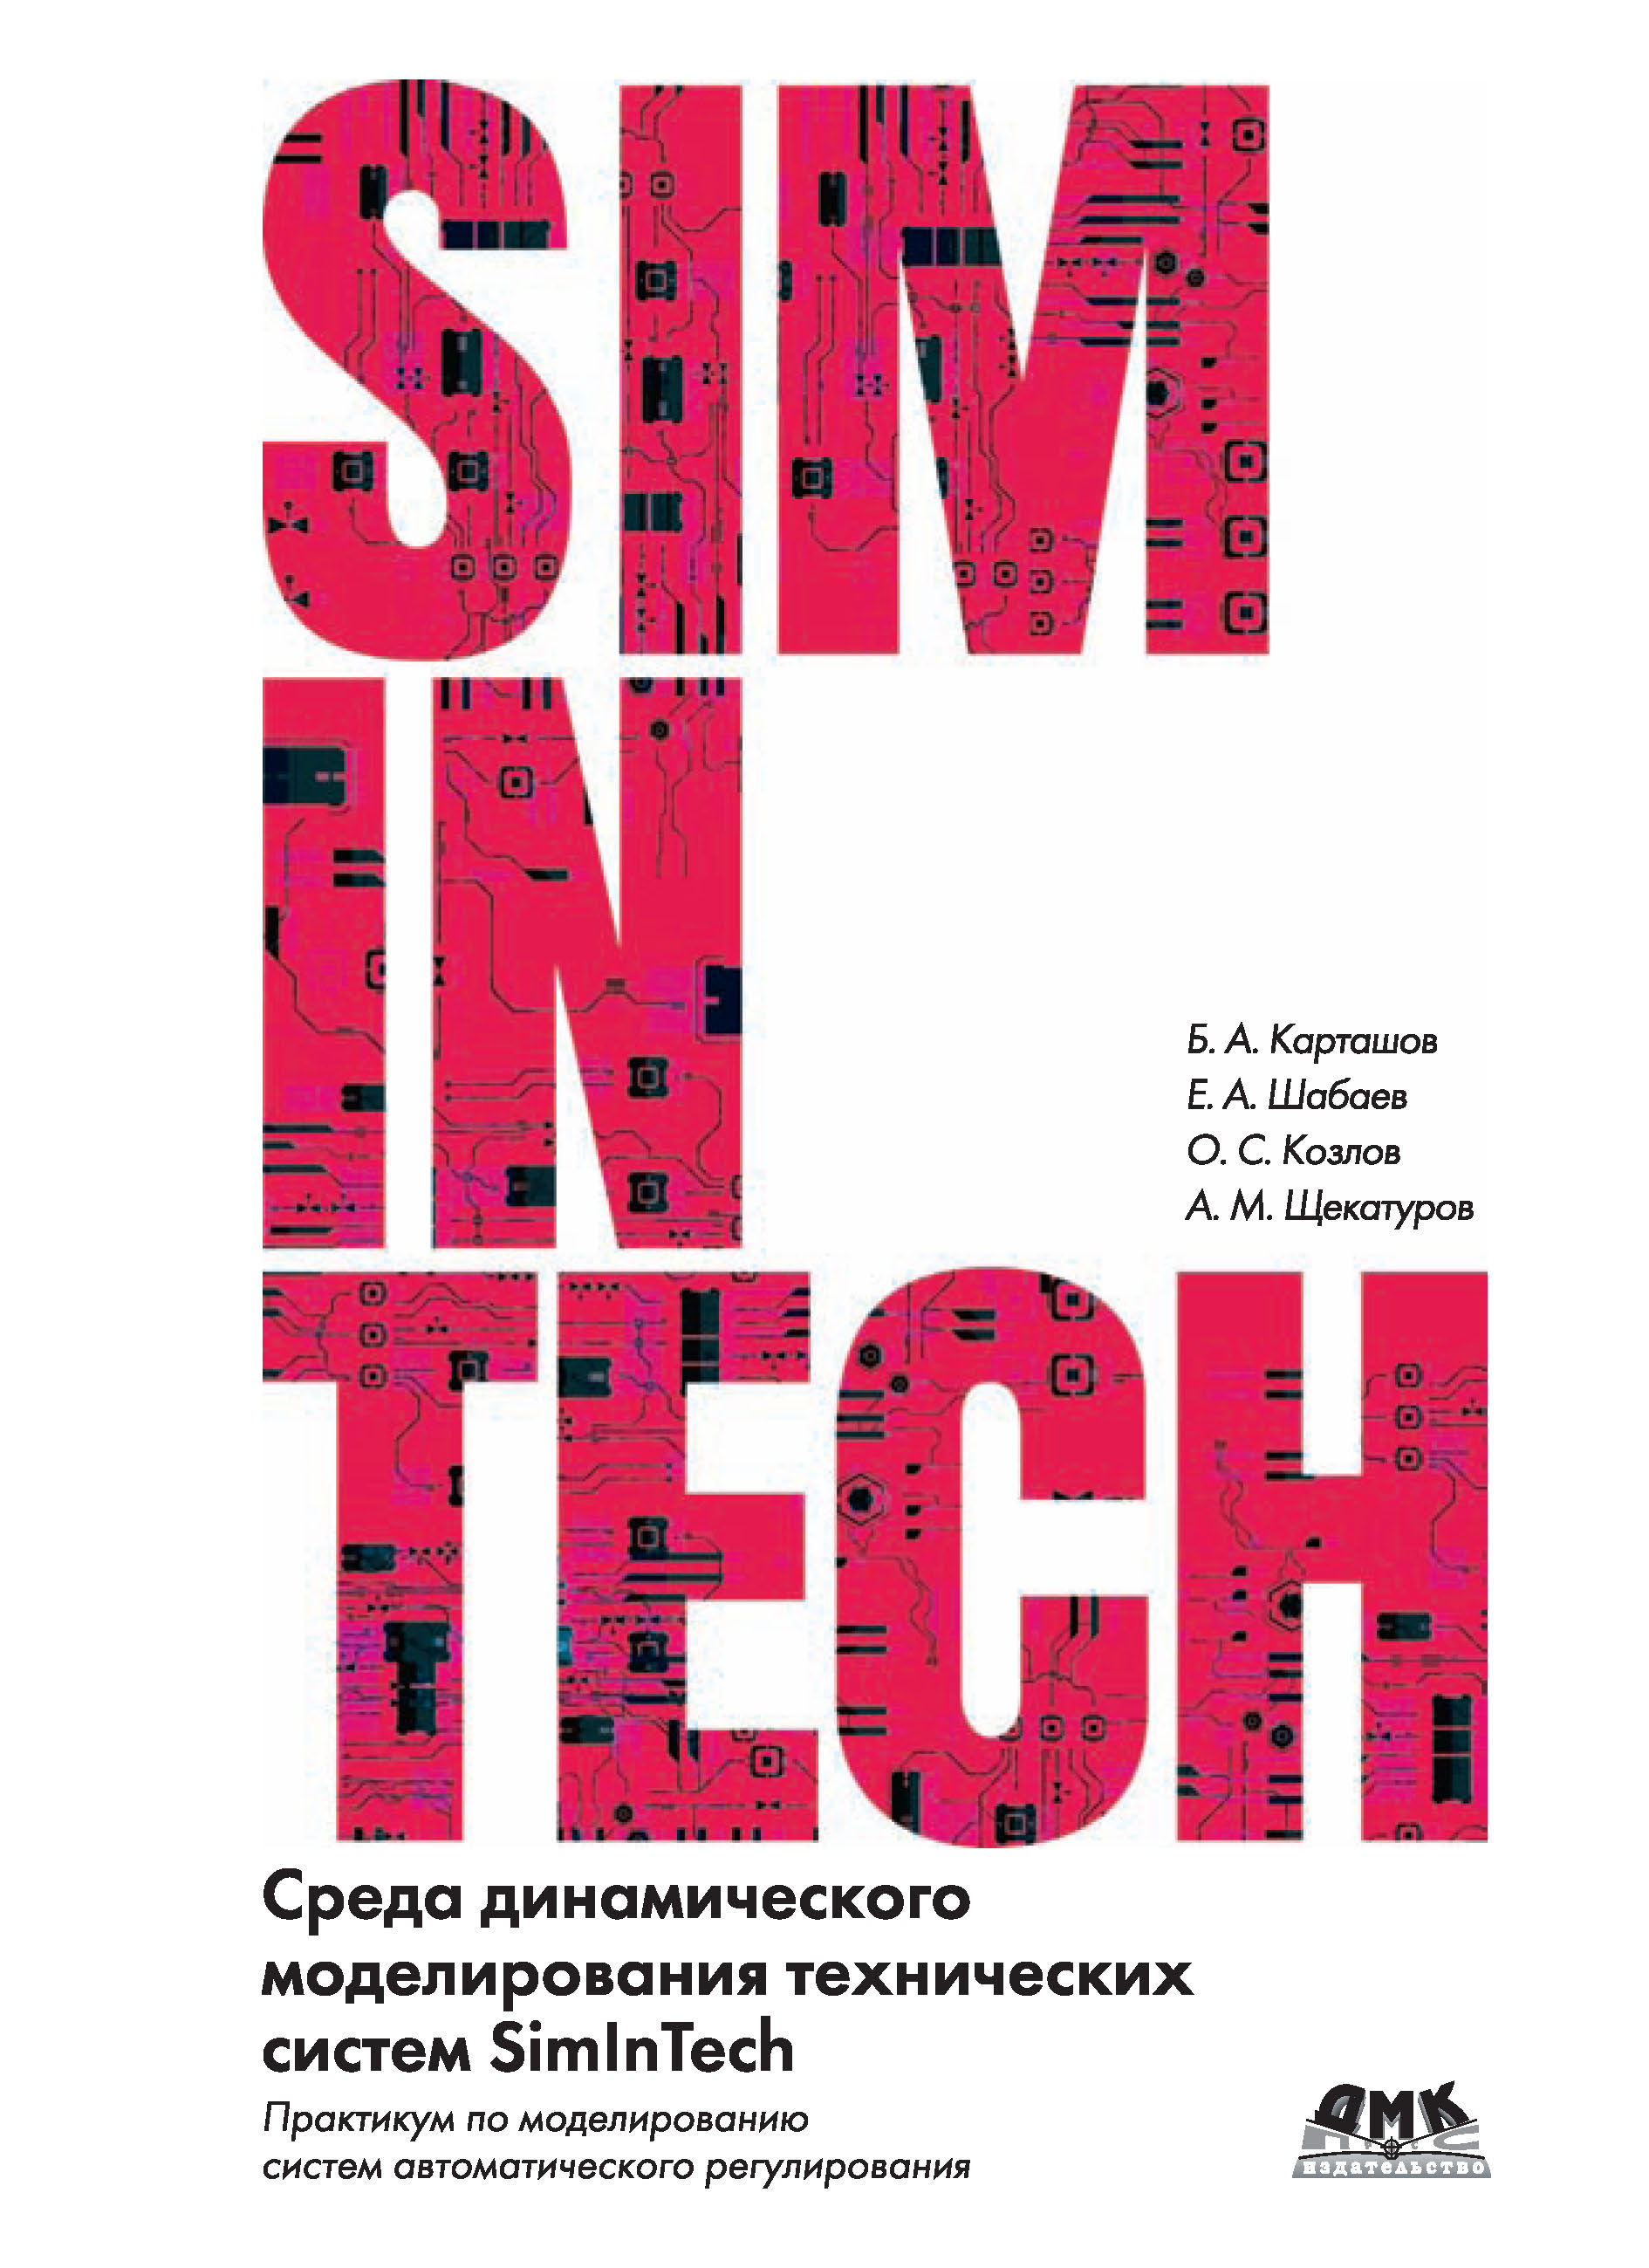 Борис Карташов Среда динамического моделирования технических систем SimInTech. Практикум по моделированию систем автоматического регулирования ю б сениченков моделирование систем практикум по компьютерному моделированию